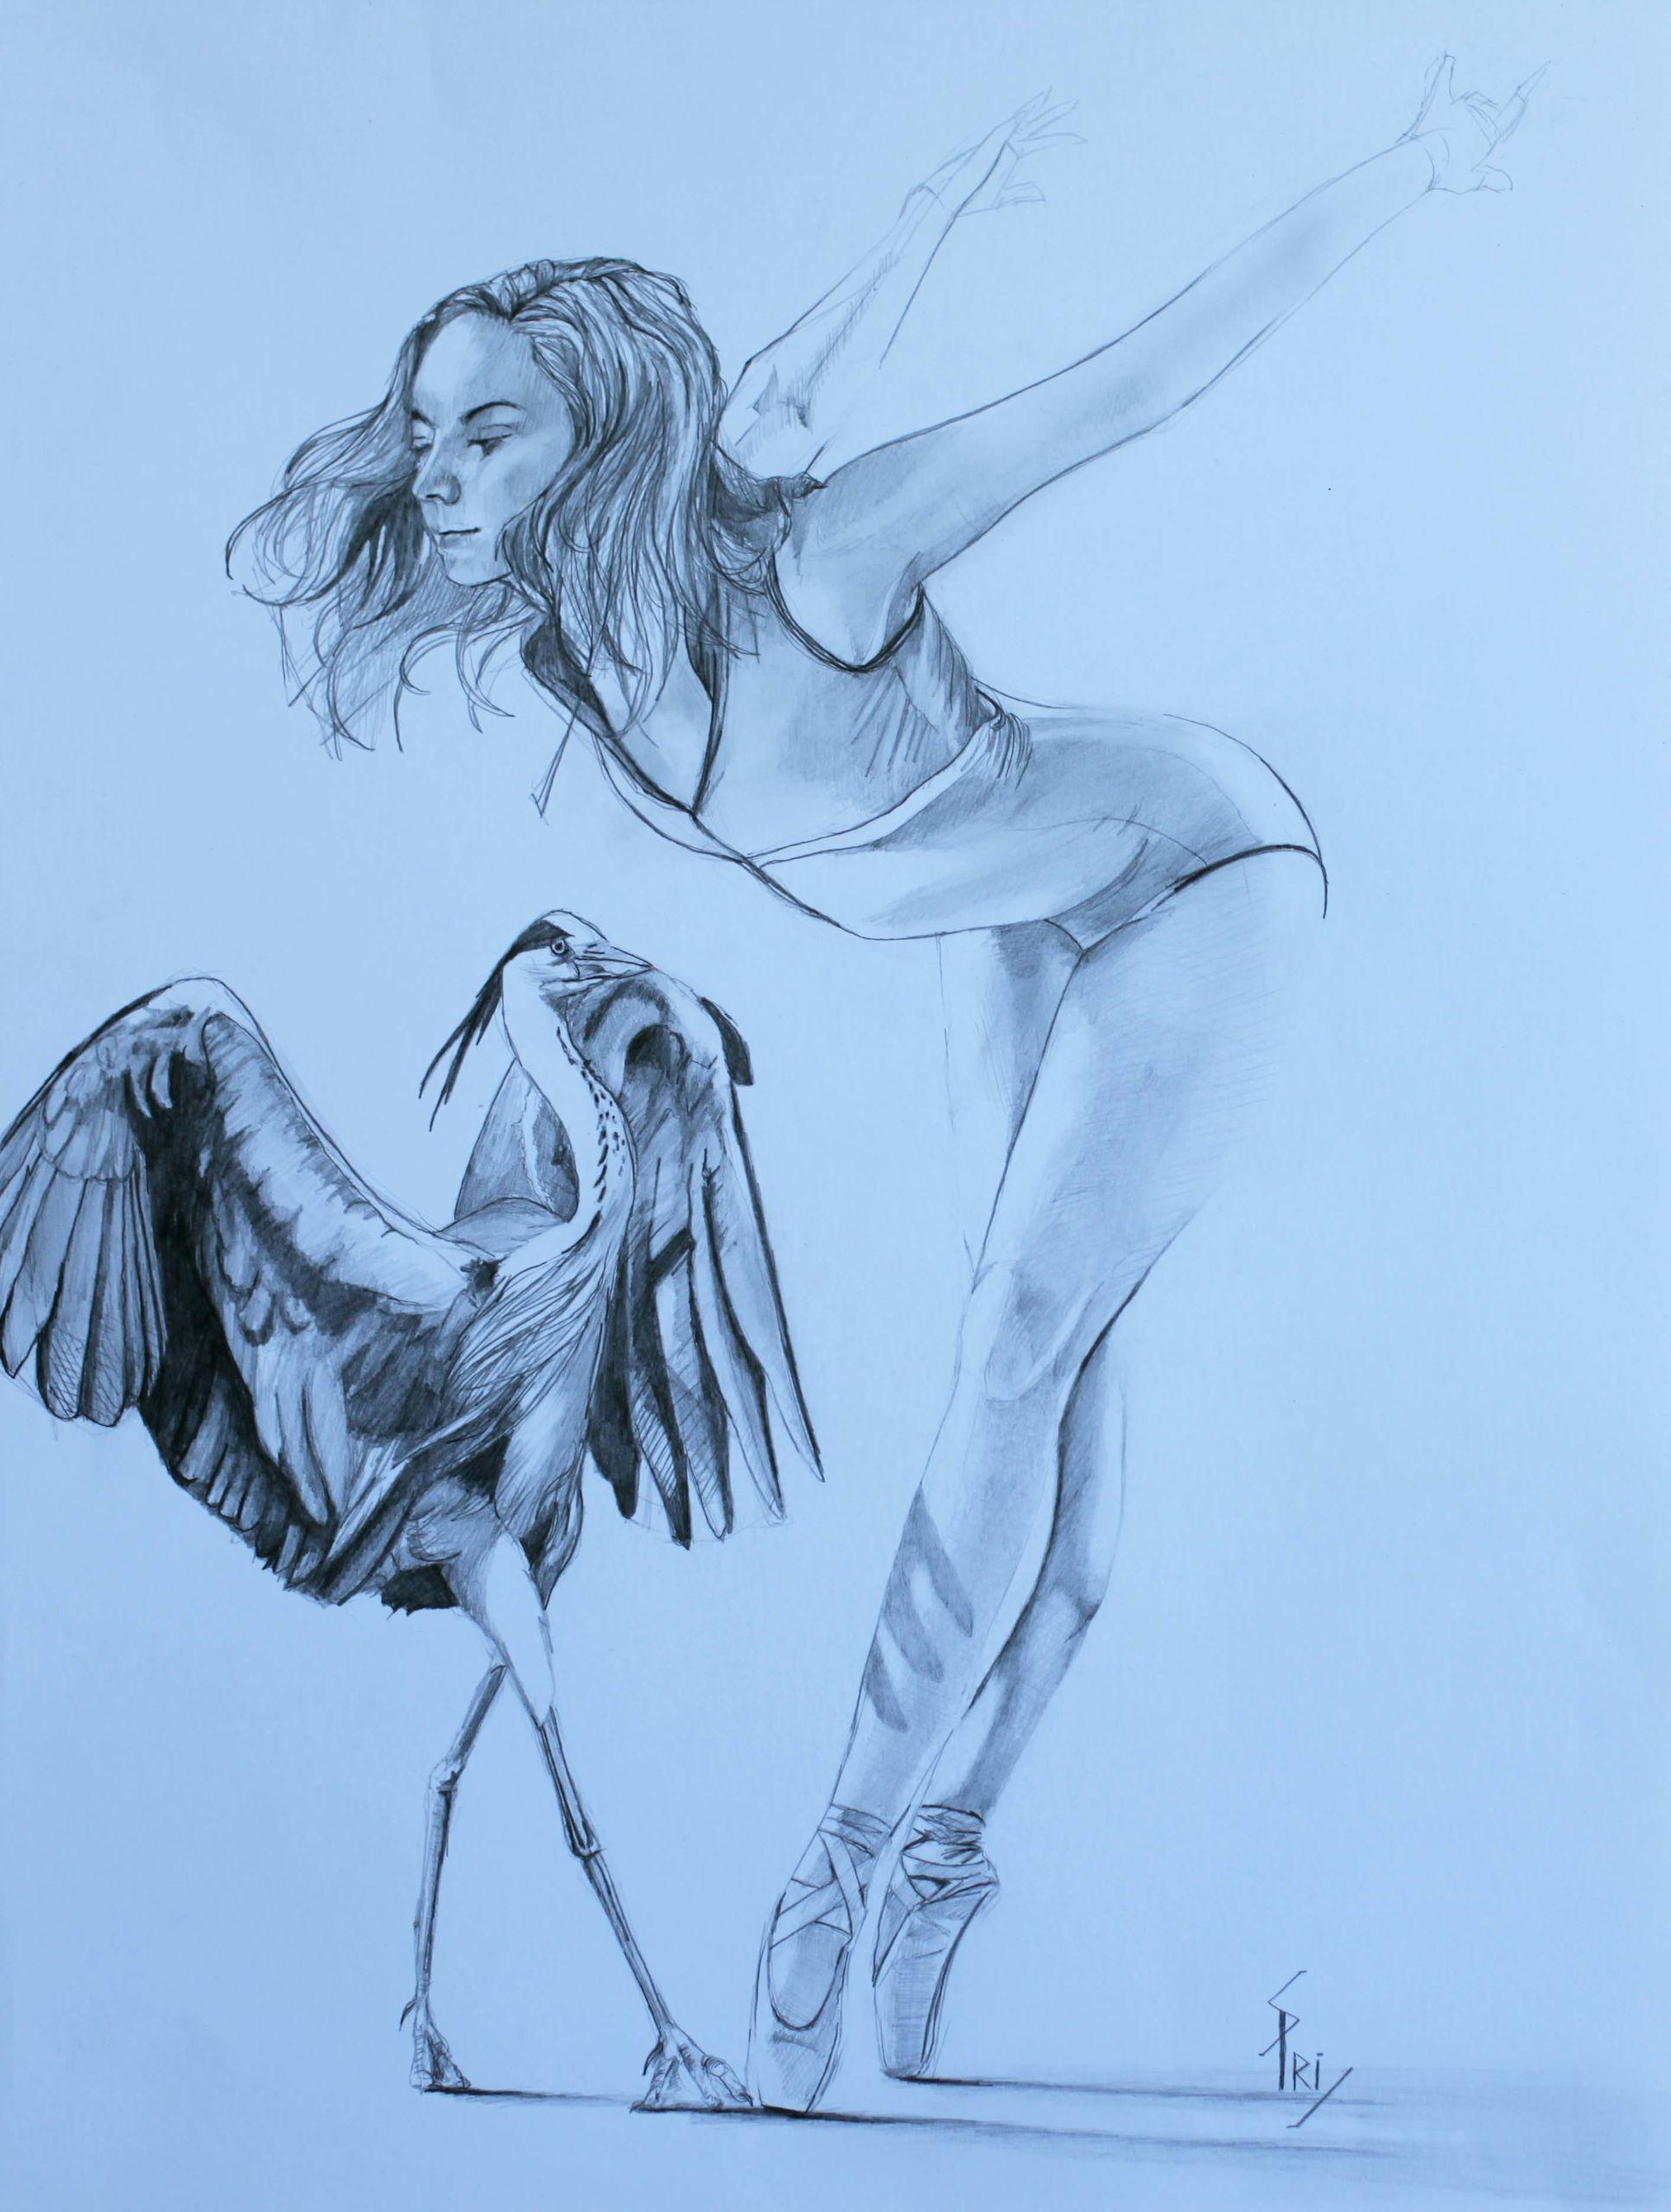 dessin par Priscilla Seiller : l'oiseau et la danseuse